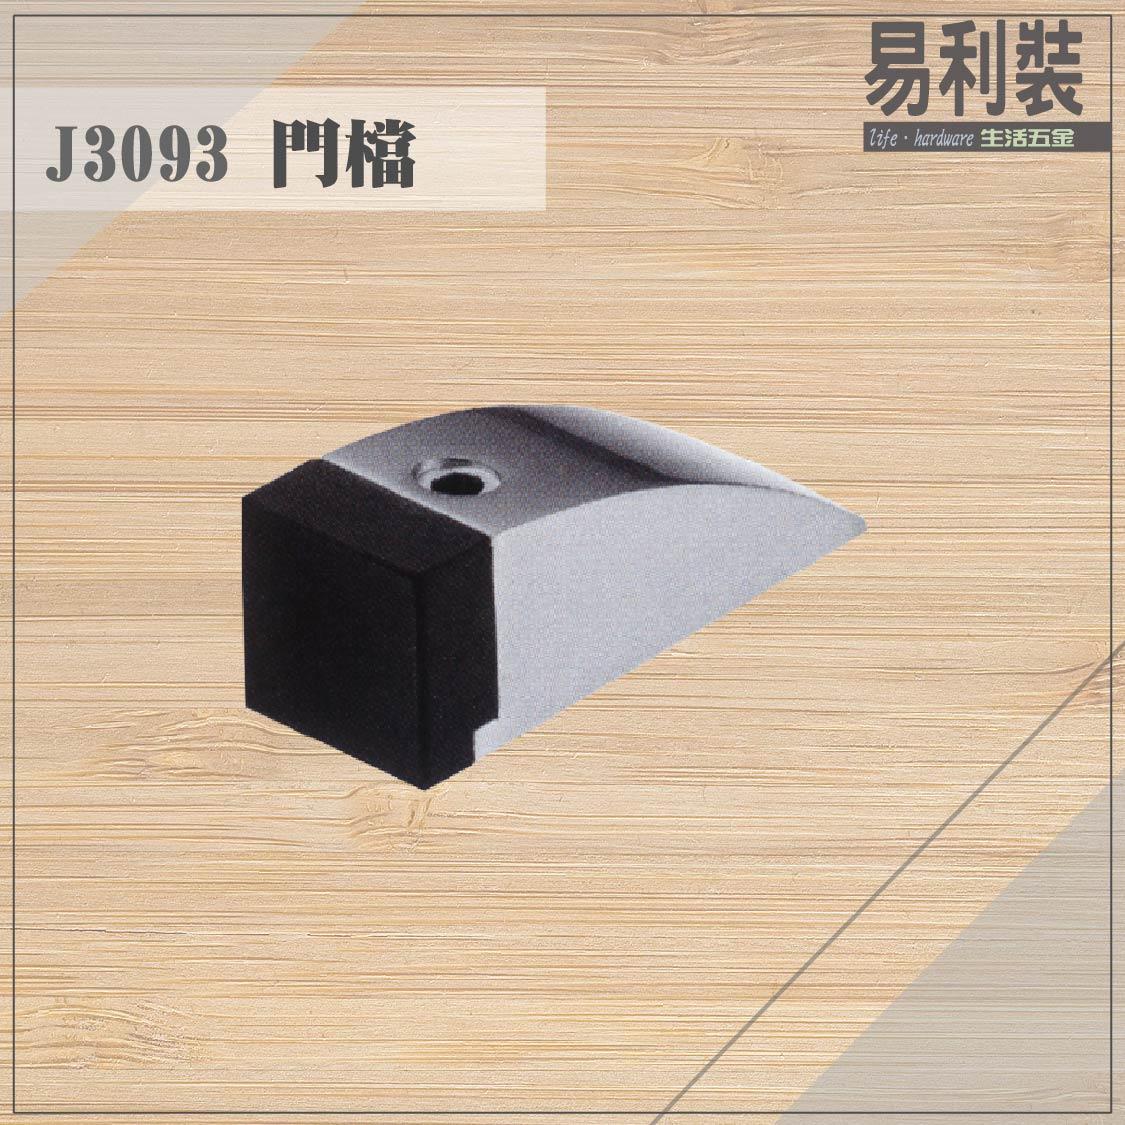 【 EASYCAN  】J3093 不鏽鋼門檔 易利裝生活五金 浴室 廚房 房間 臥房 衣櫃 小資族 辦公家具 系統家具 0